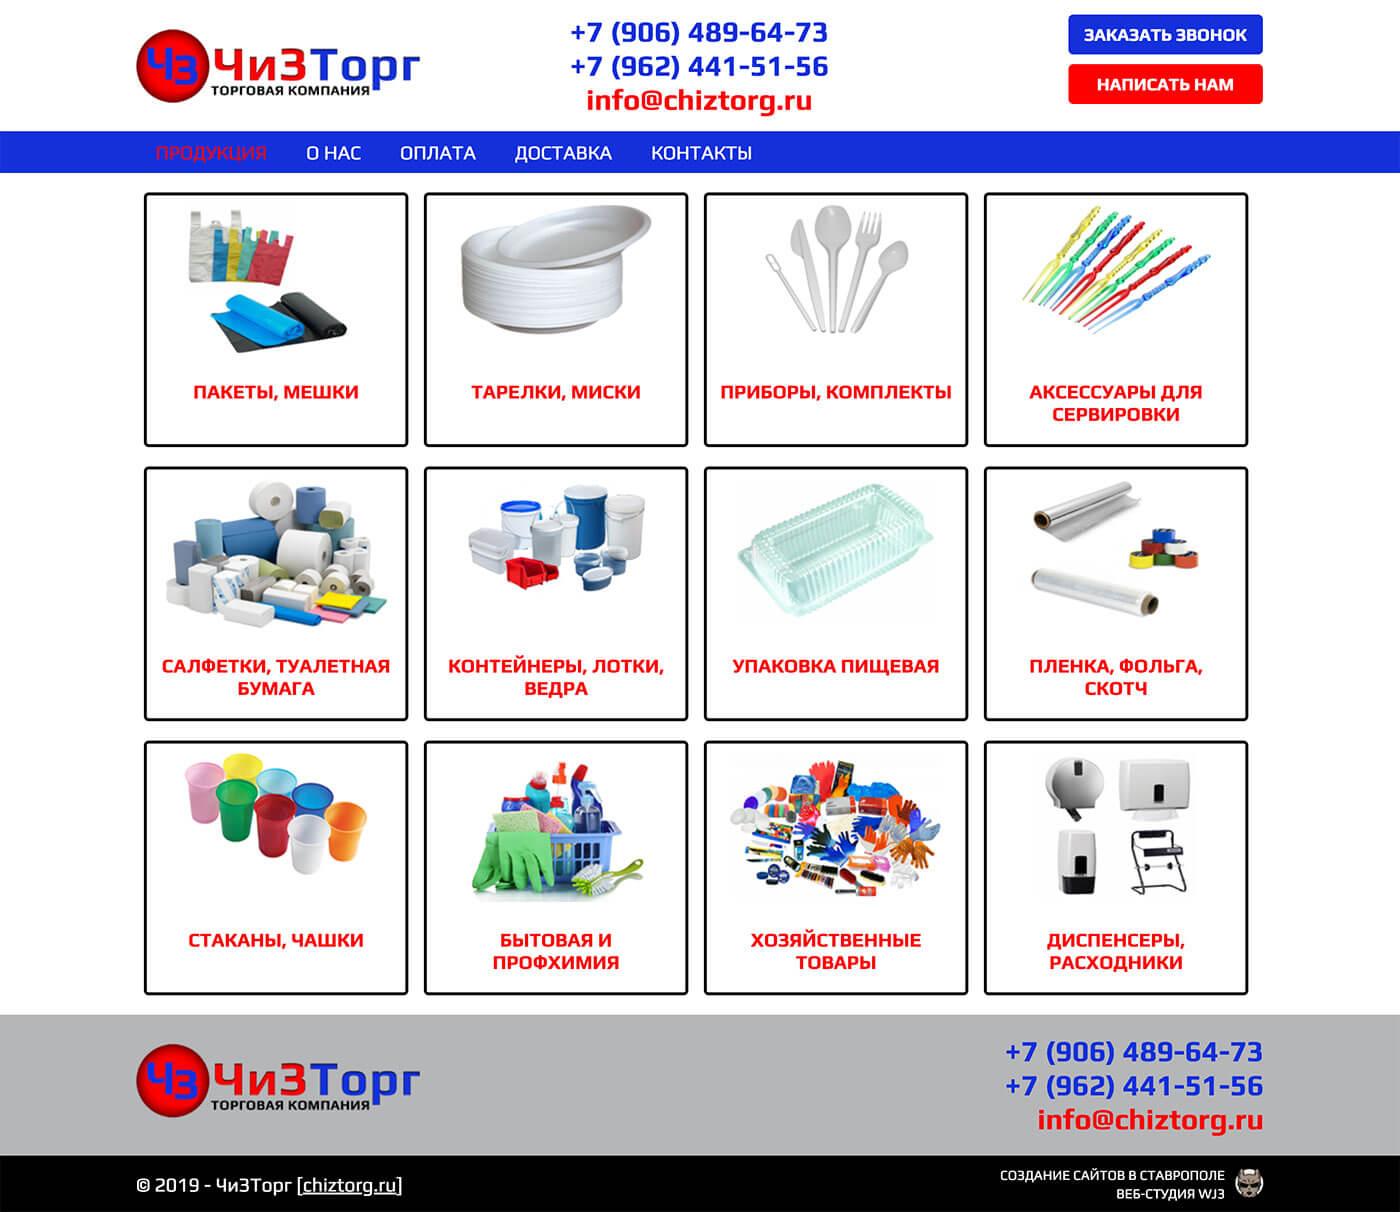 Сайт торговой компании ЧиЗТорг